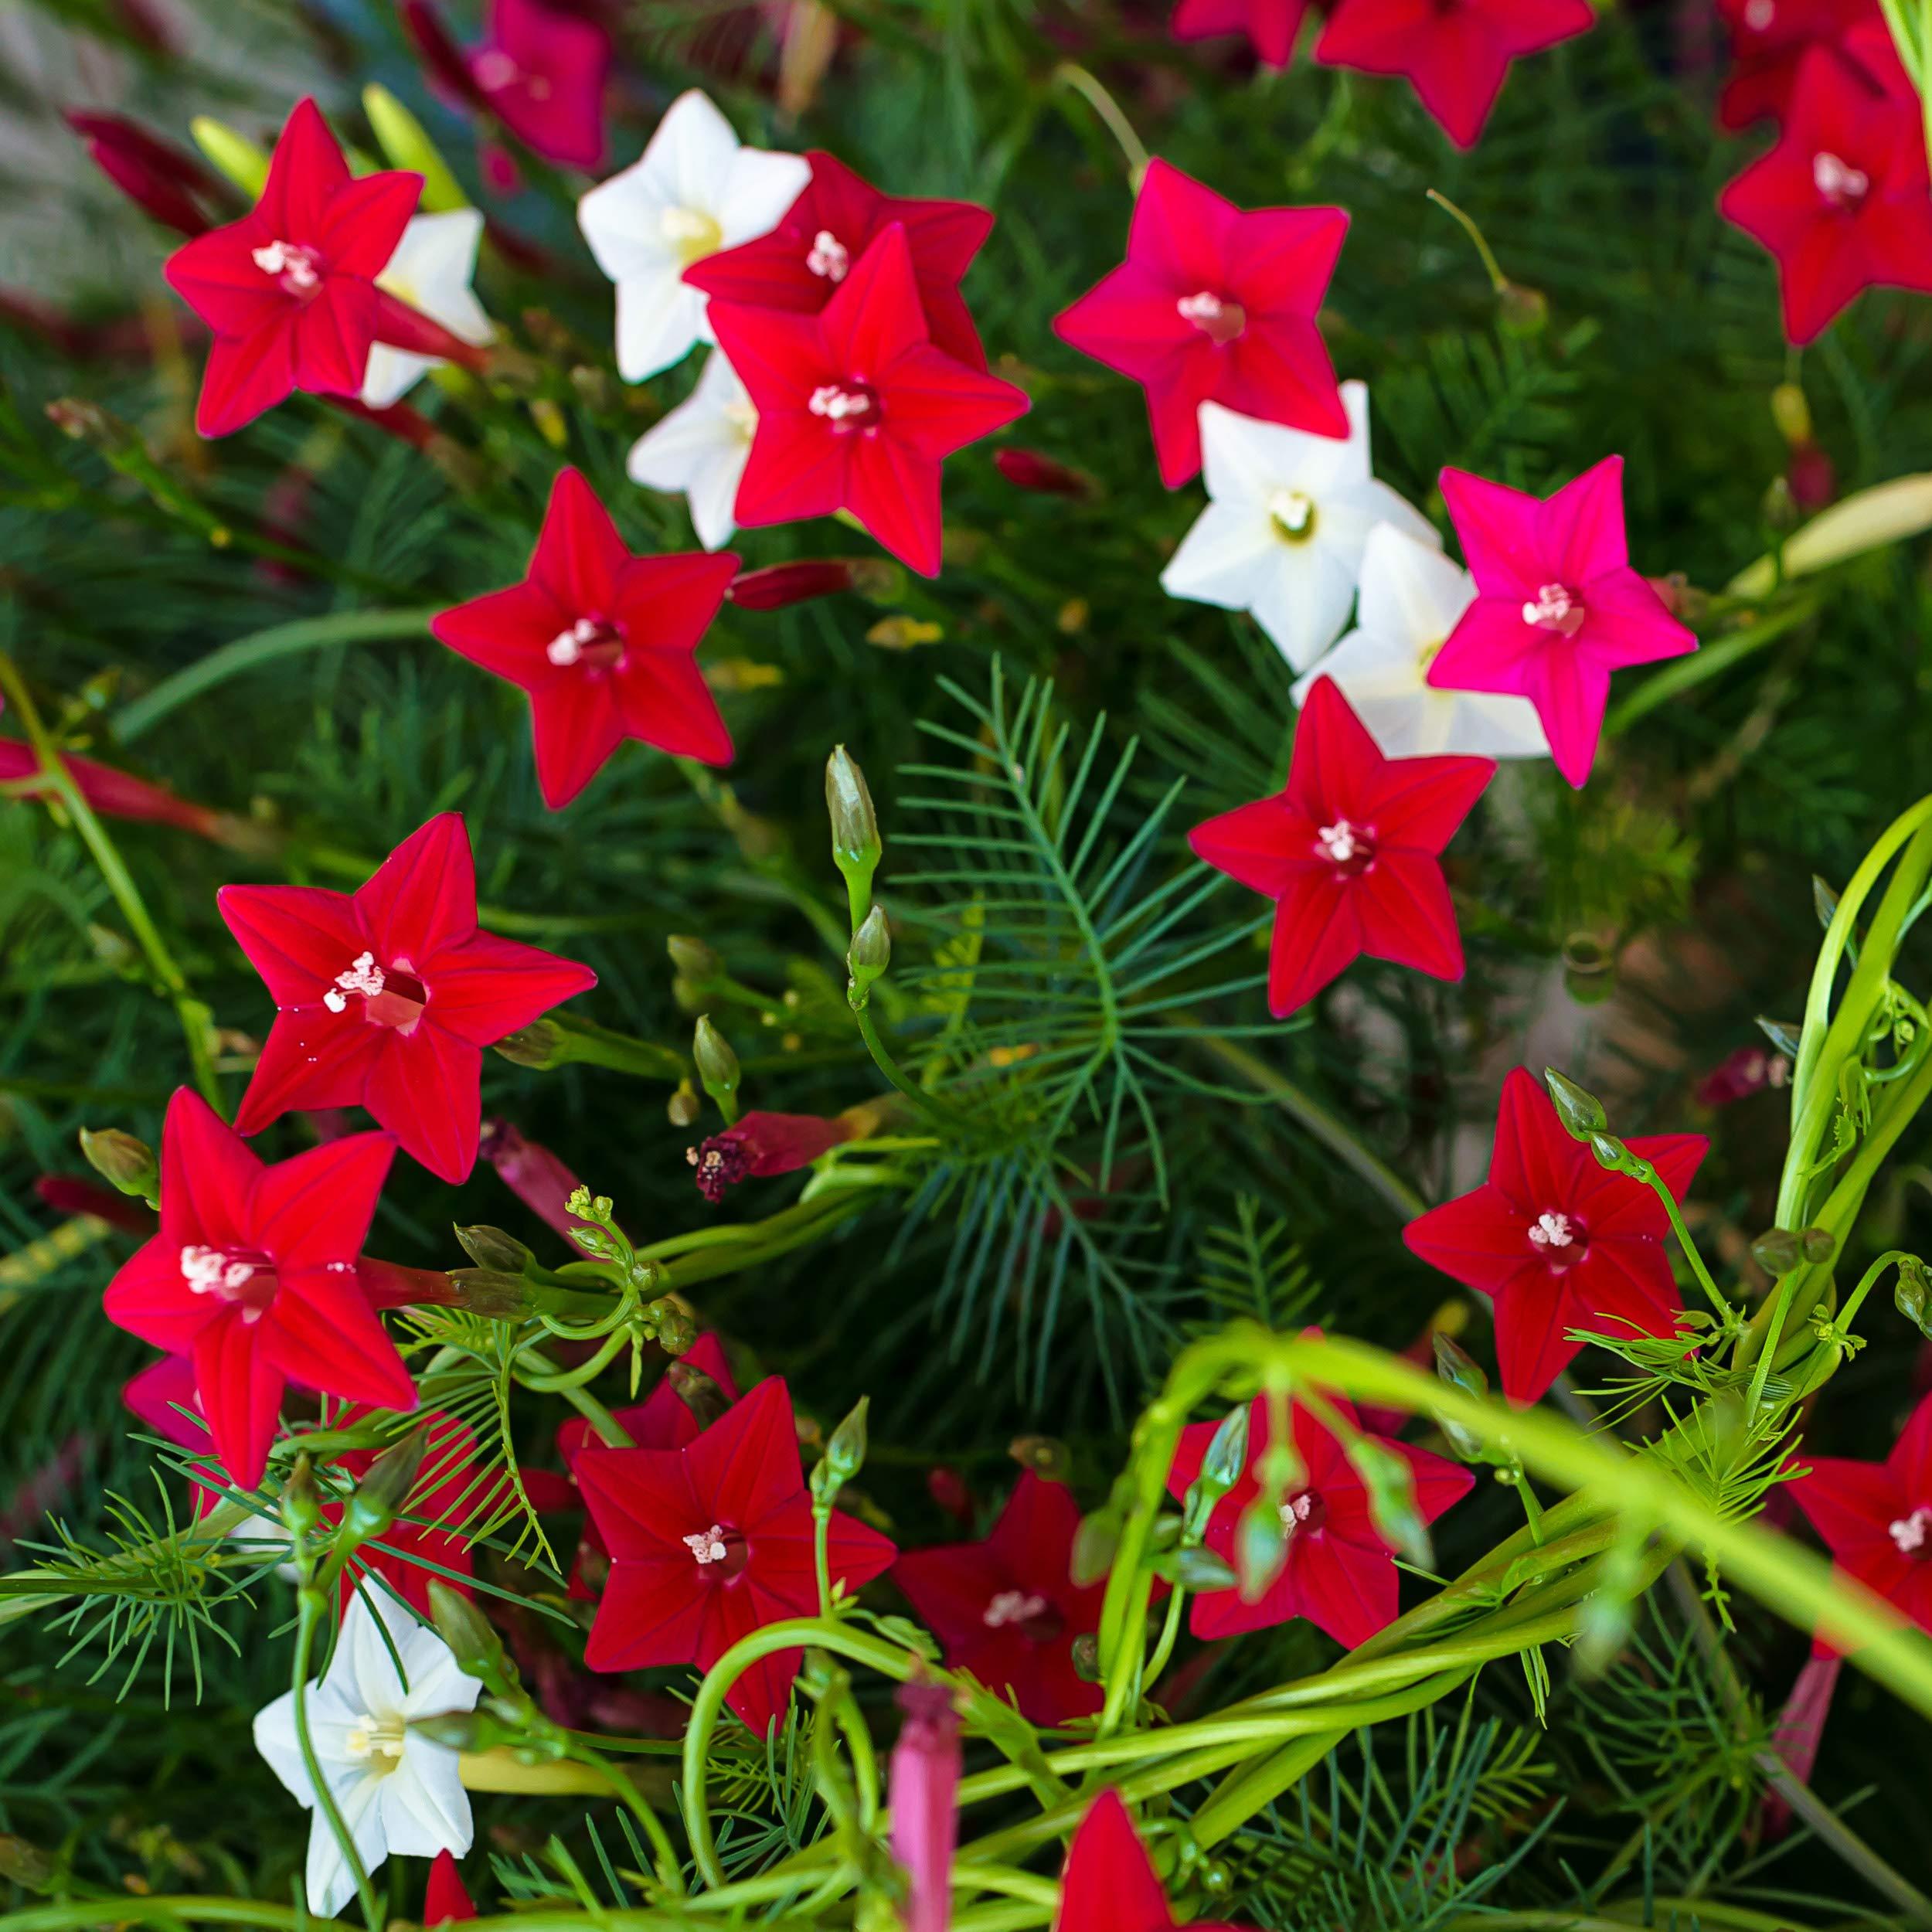 Red Trumpet Vine Year Live Plant Prolific Bloomer 2 Campsis x tagliabuana Madame Galen